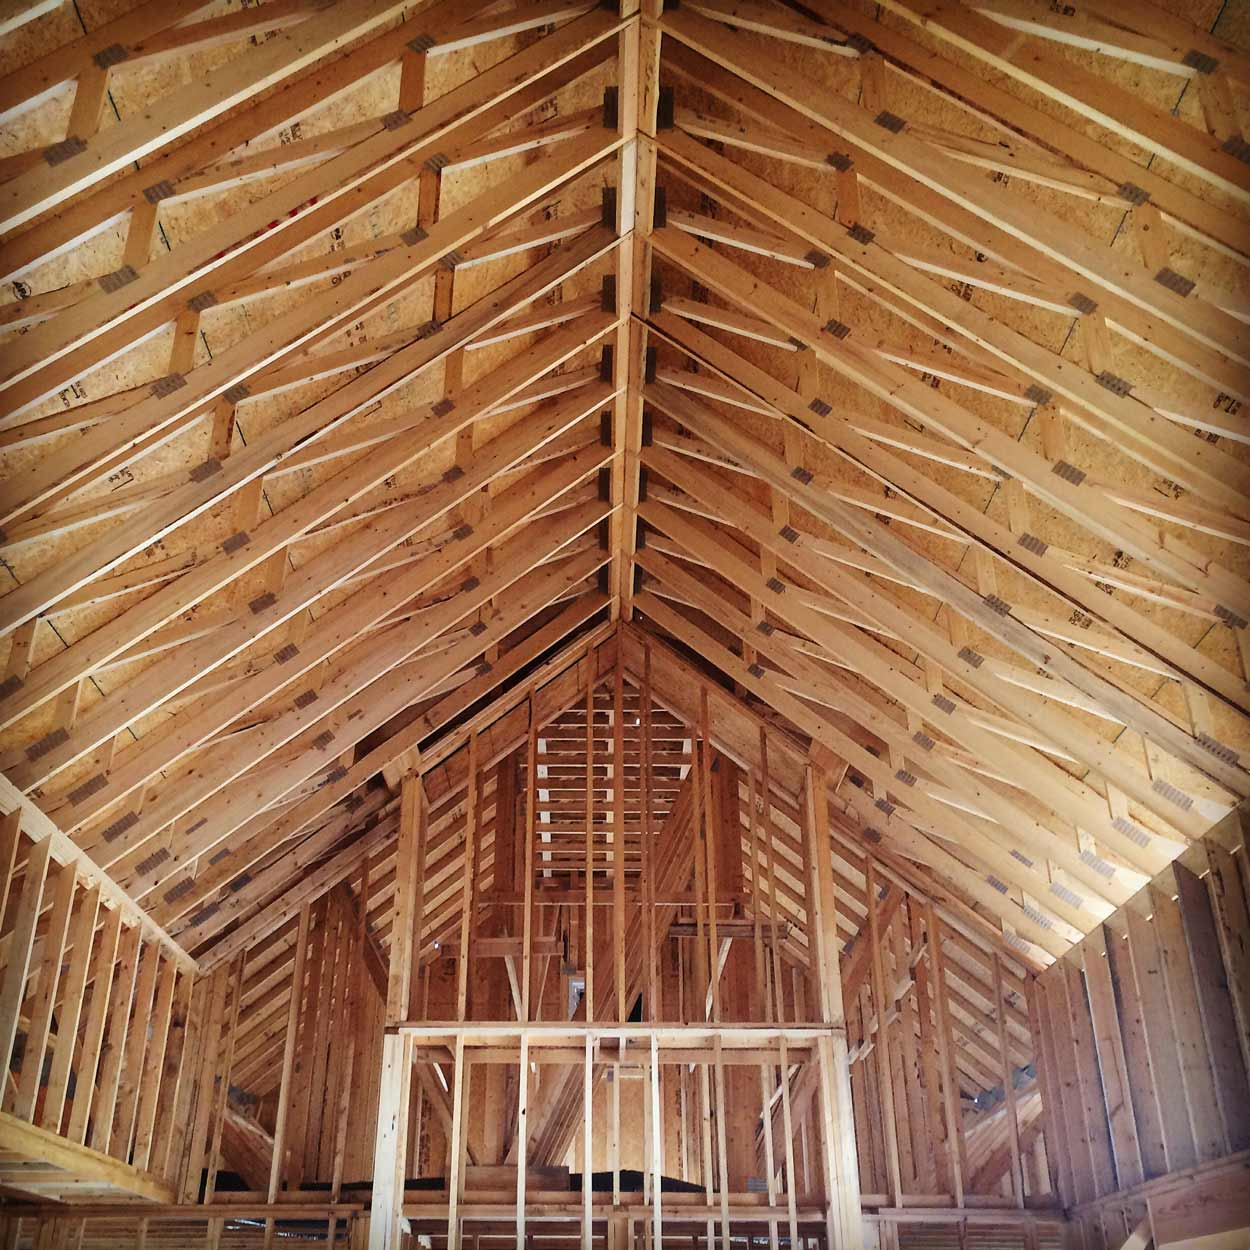 New Modern Farmhouse 3 - Vaulted Truss Progress